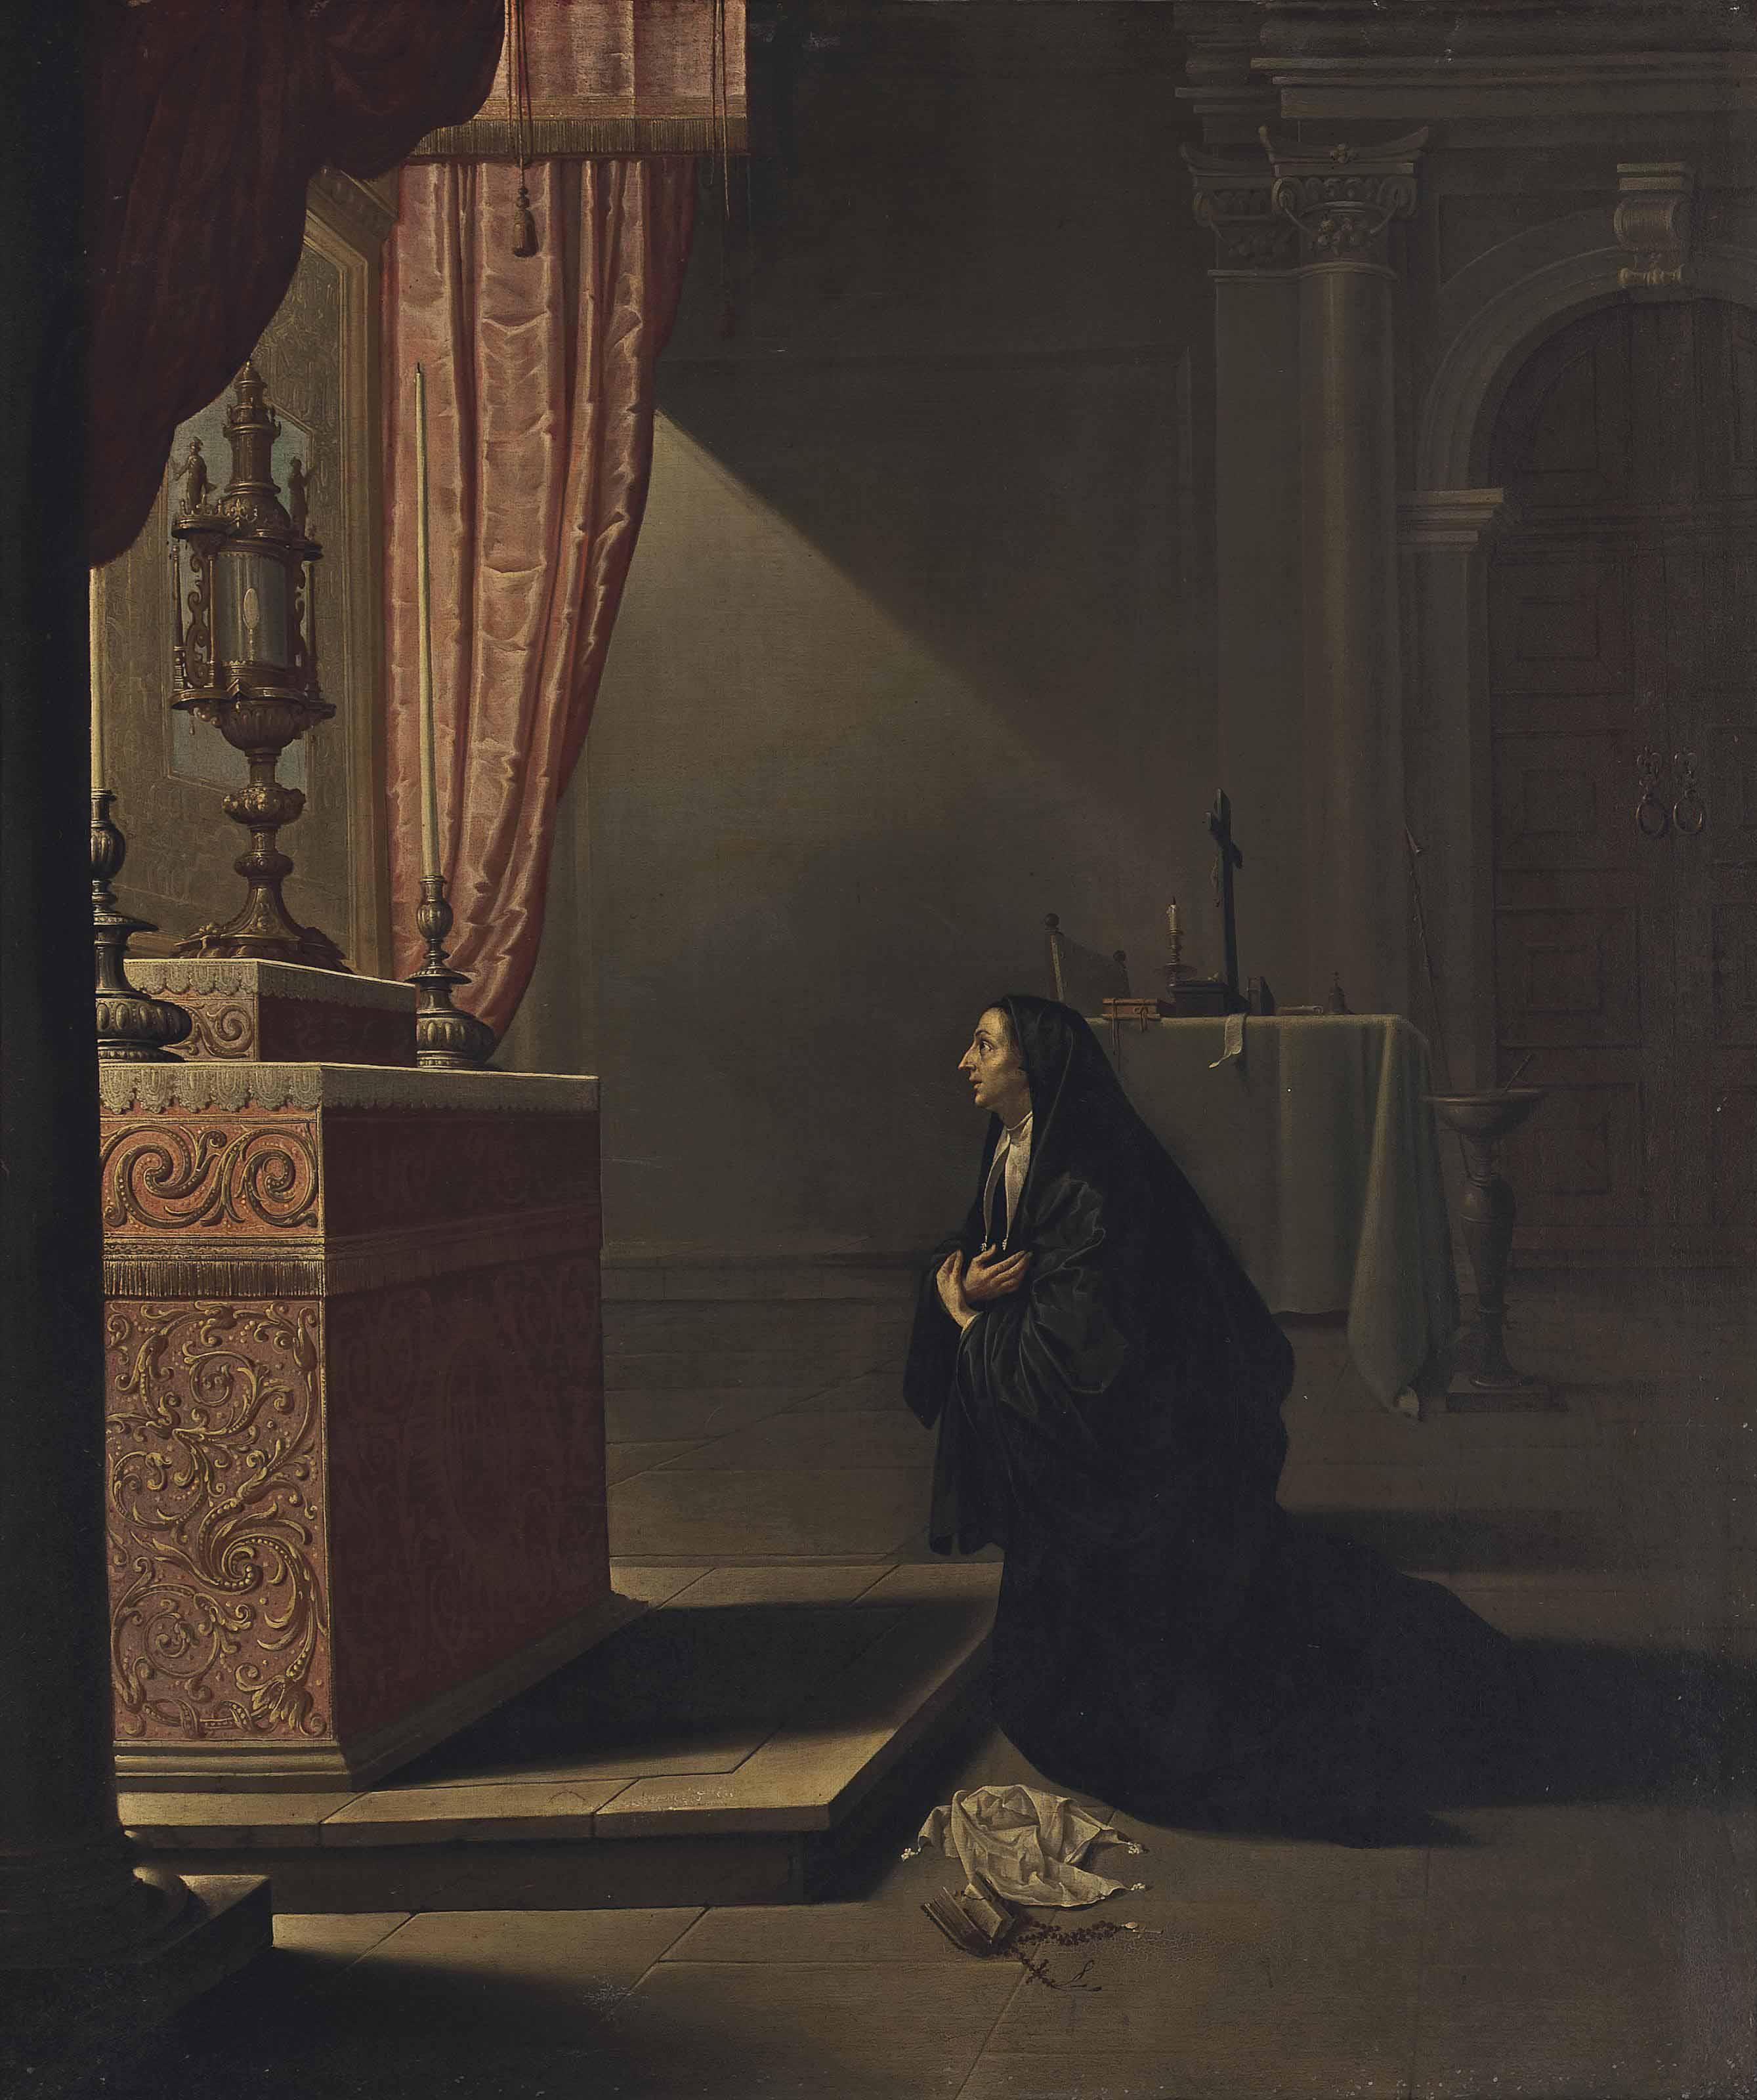 A nun in a church interior